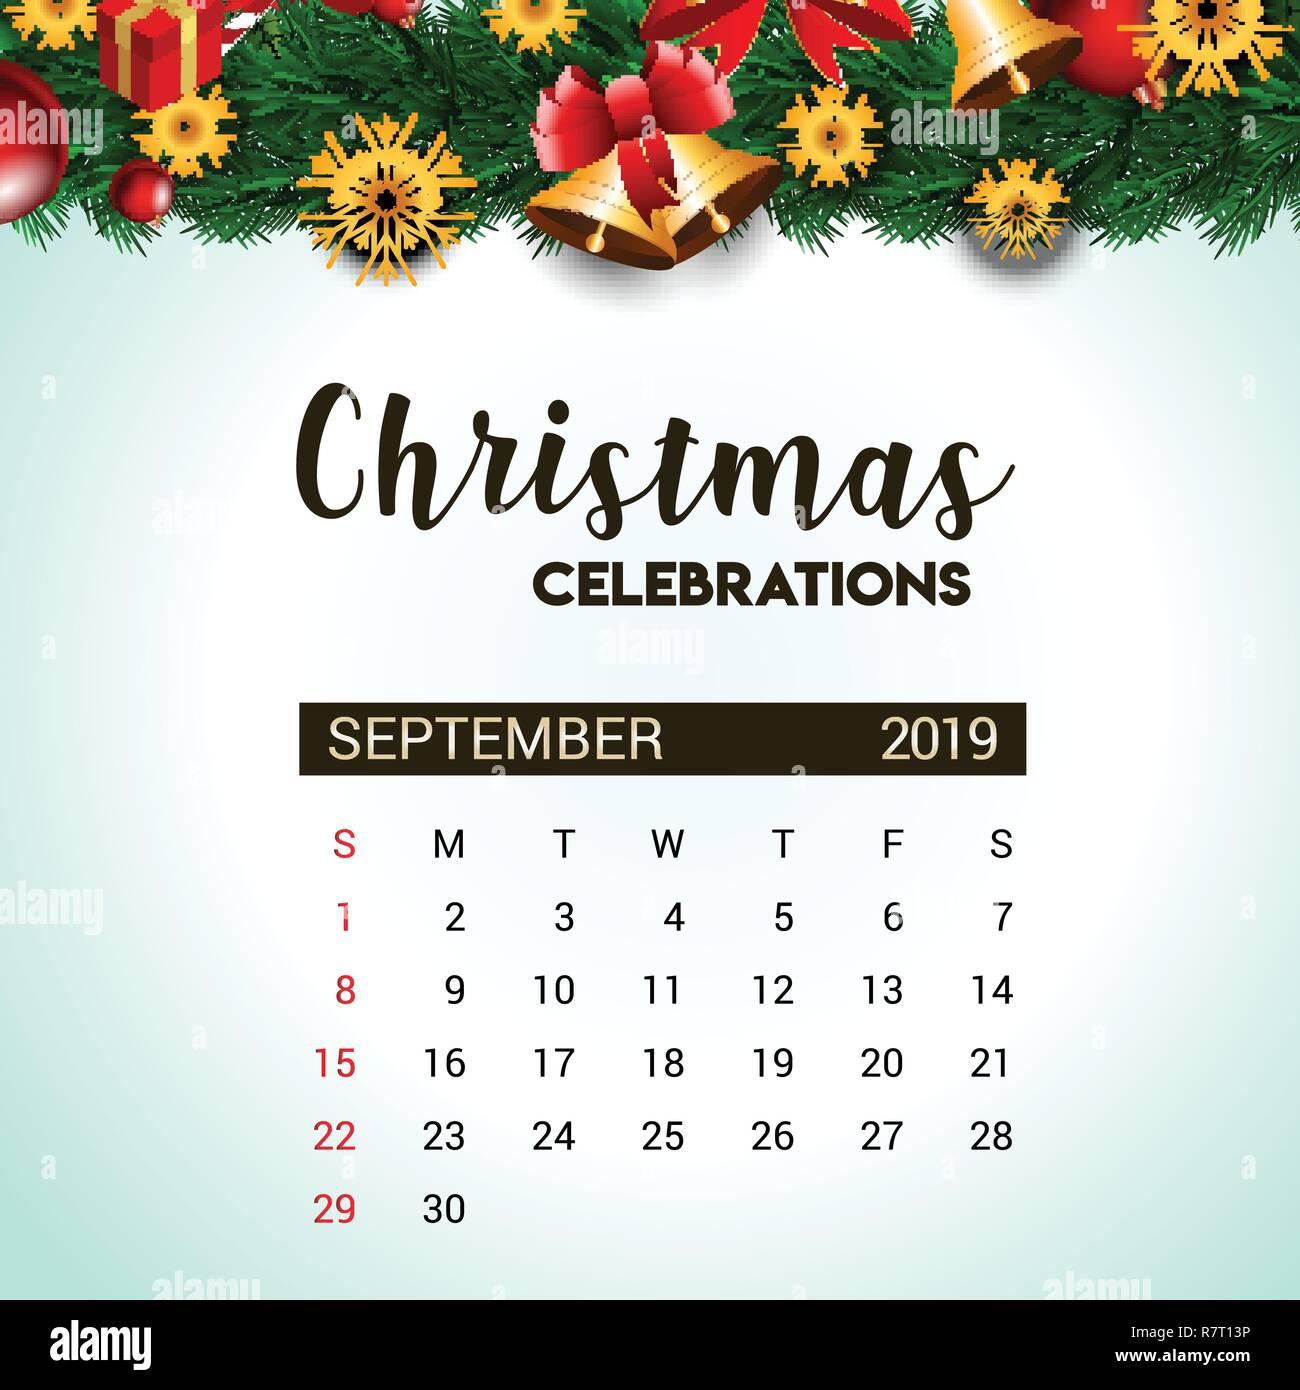 Kalender Weihnachten 2019.2019 September Kalender Design Vorlage Von Weihnachten Oder Neujahr